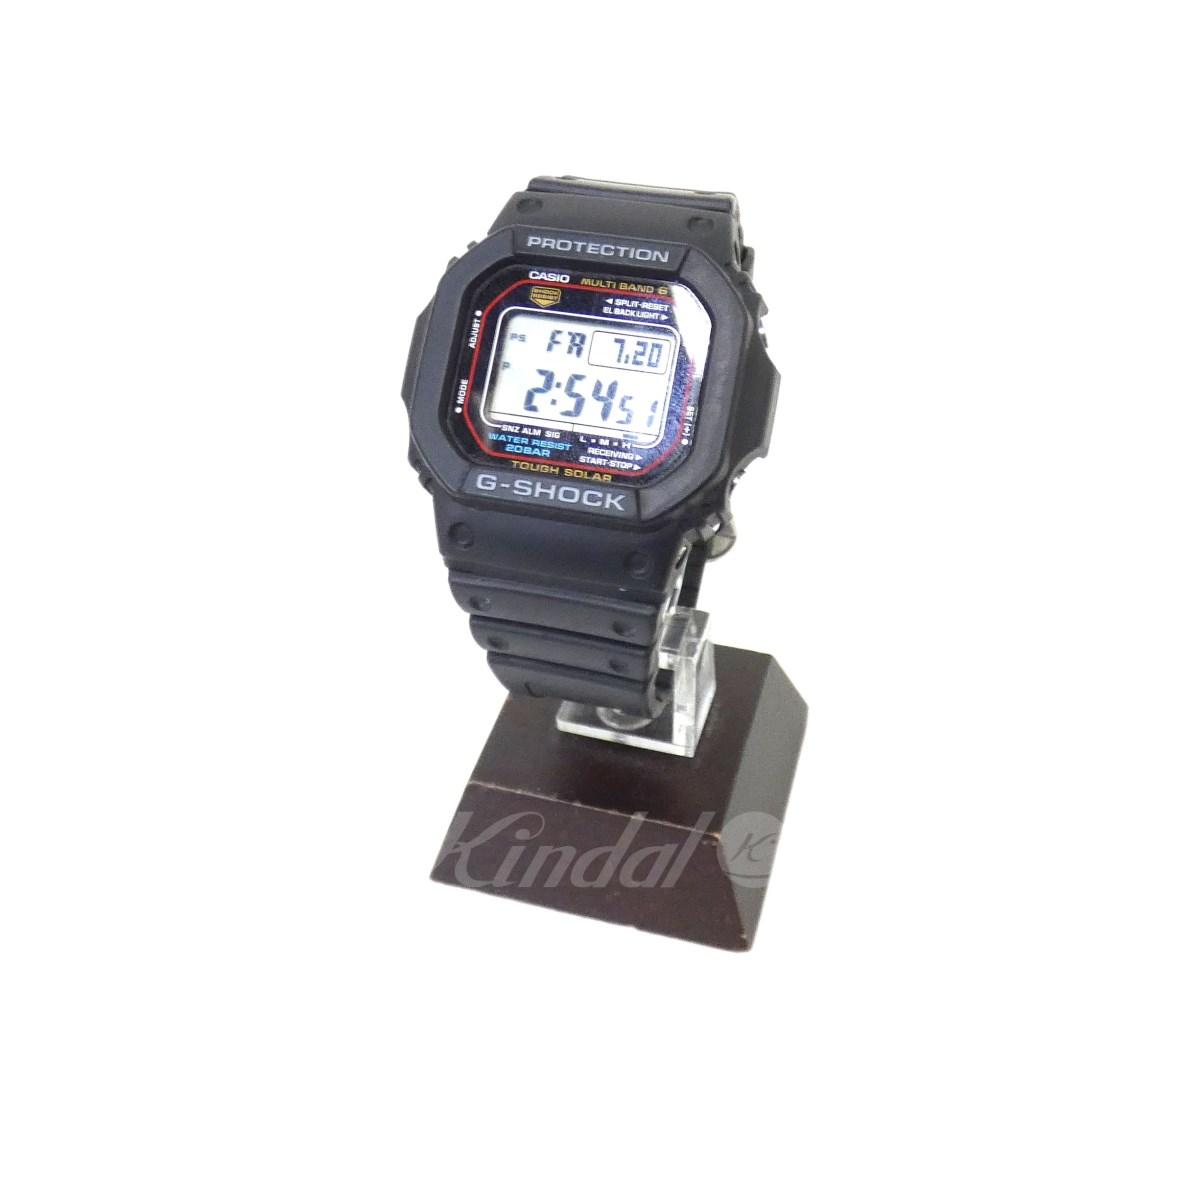 【中古】CASIO G-SHOCK GW-M5610 「ORIGIN」スクエアフェイス腕時計 【送料無料】 【080968】 【KIND1489】